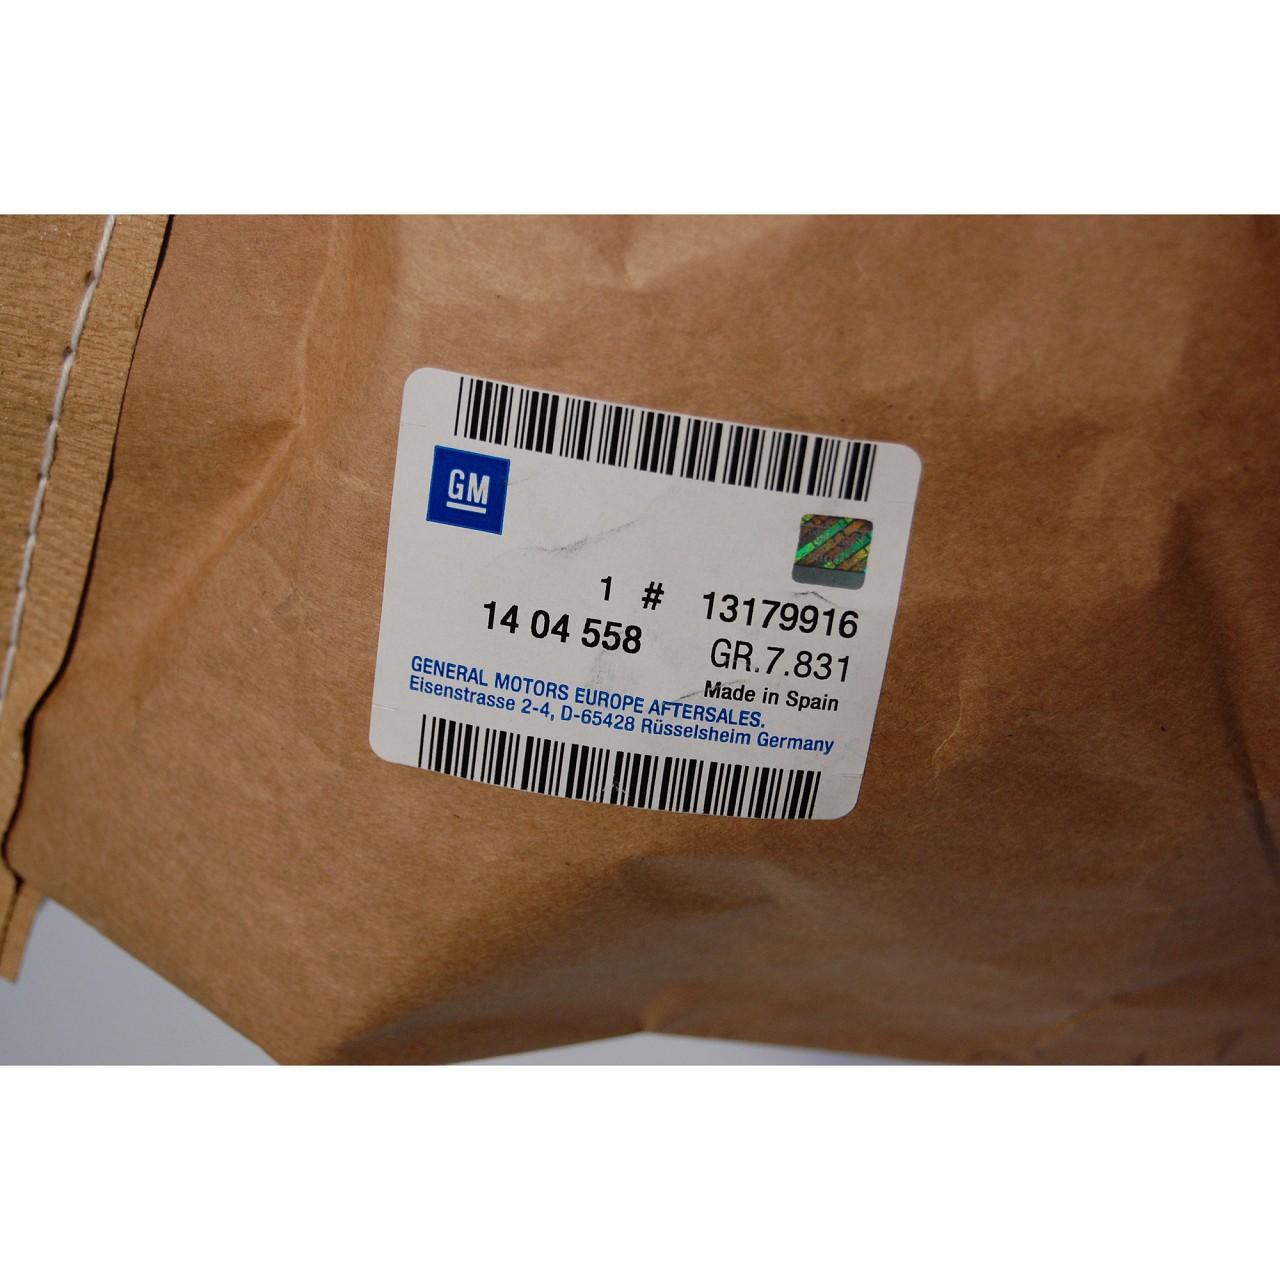 ORIGINAL Opel Stoßstange Stoßfänger CORSA D hinten 1404558 / 13179916